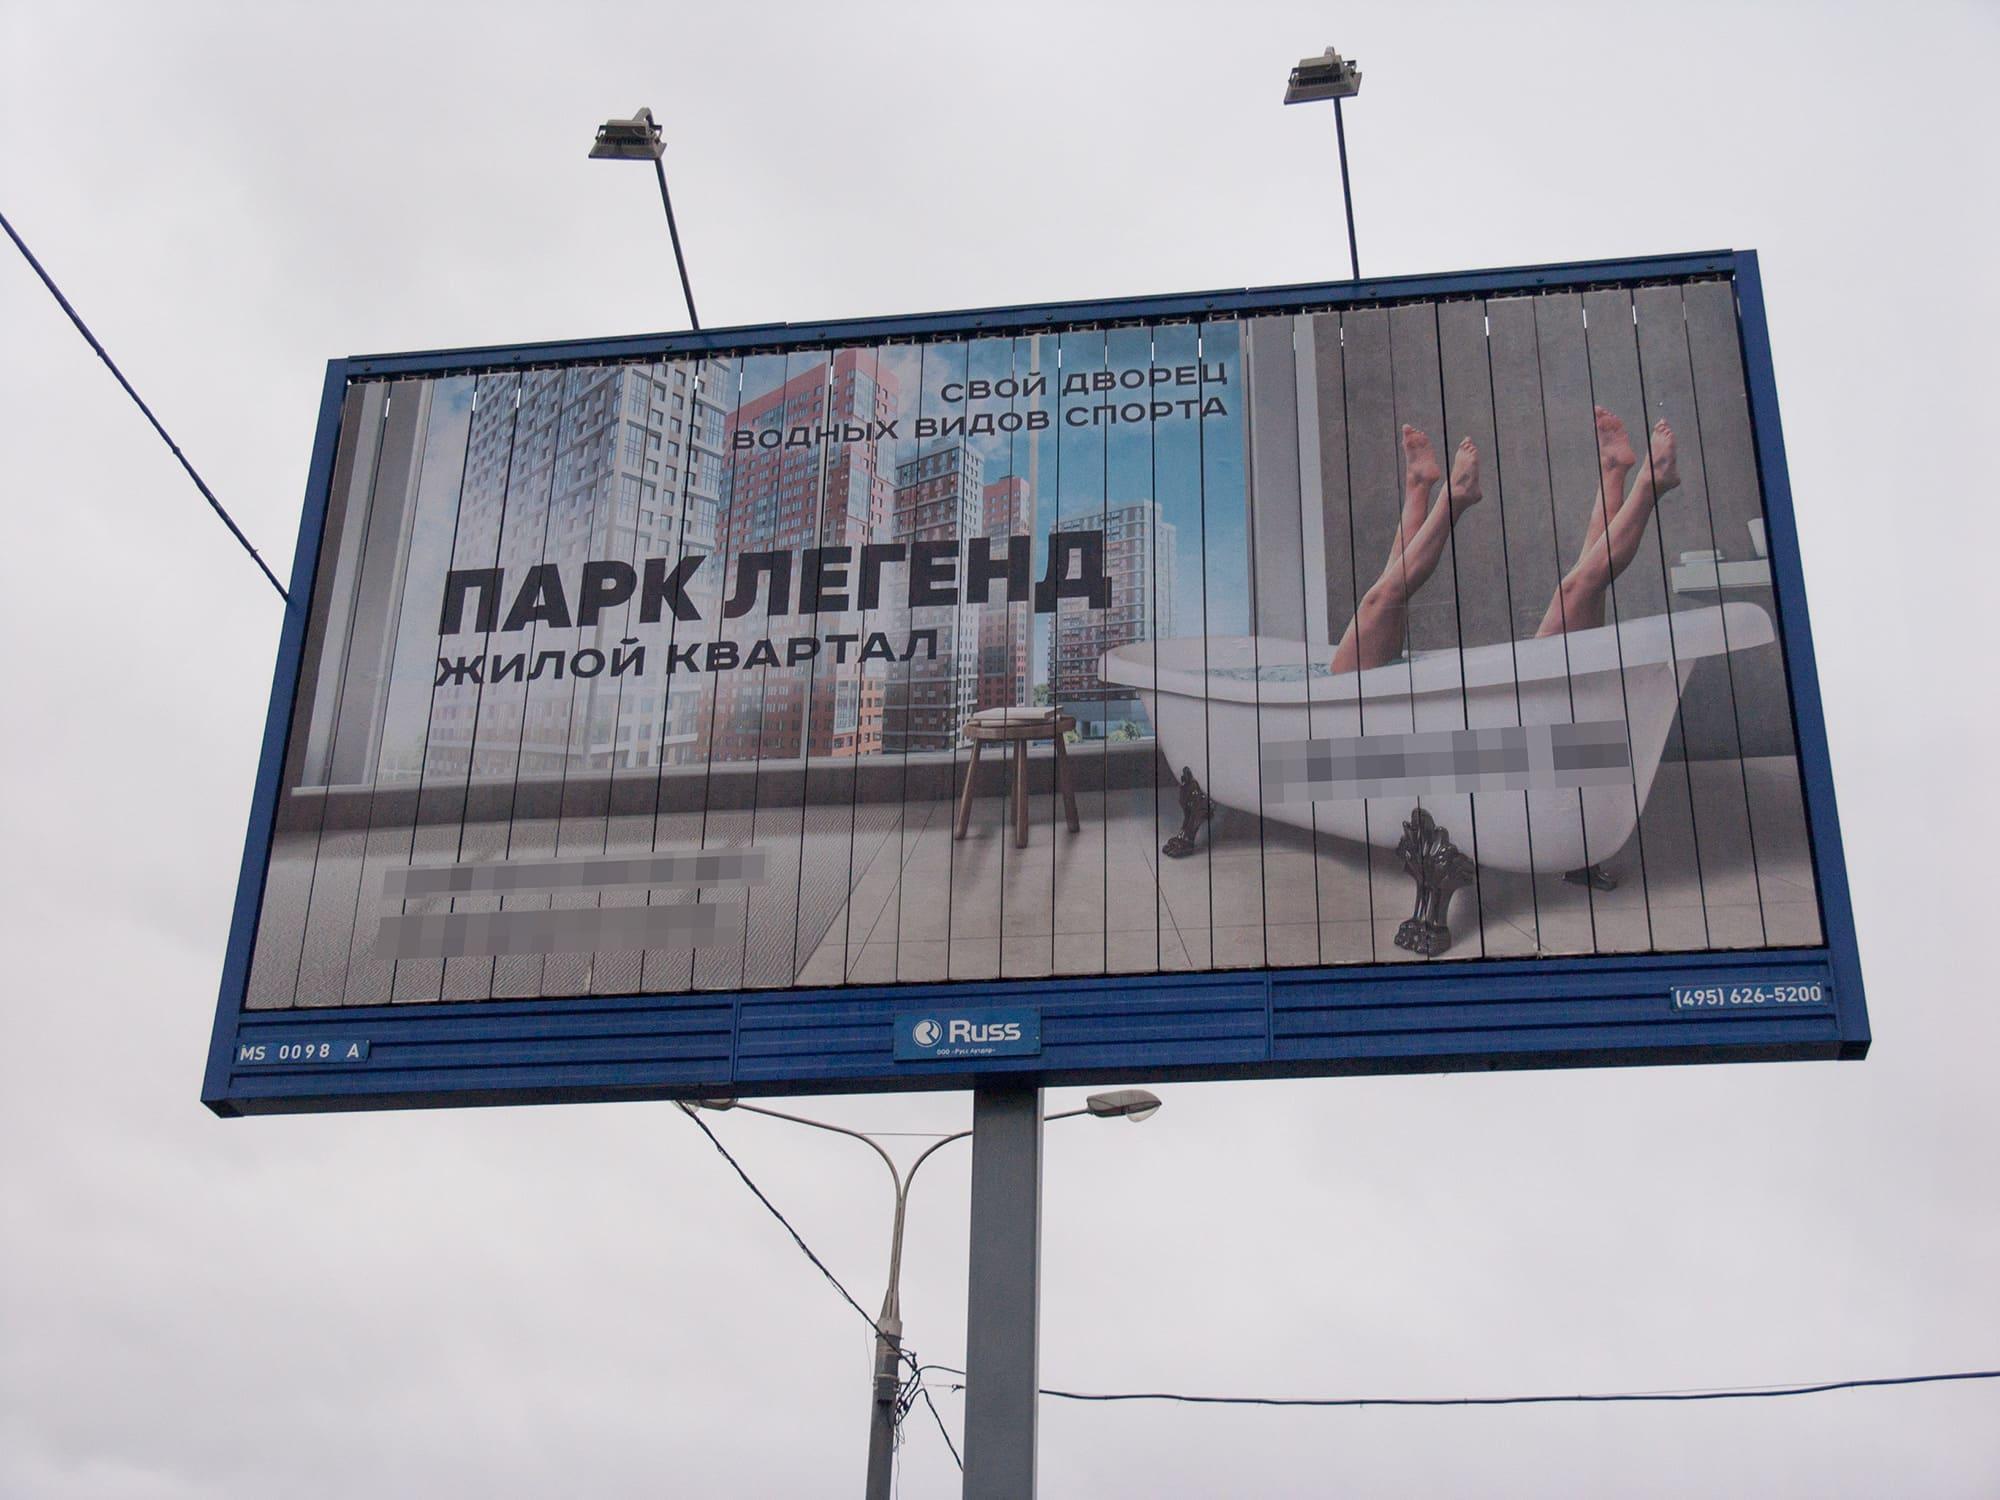 Наружная реклама Парк легенд